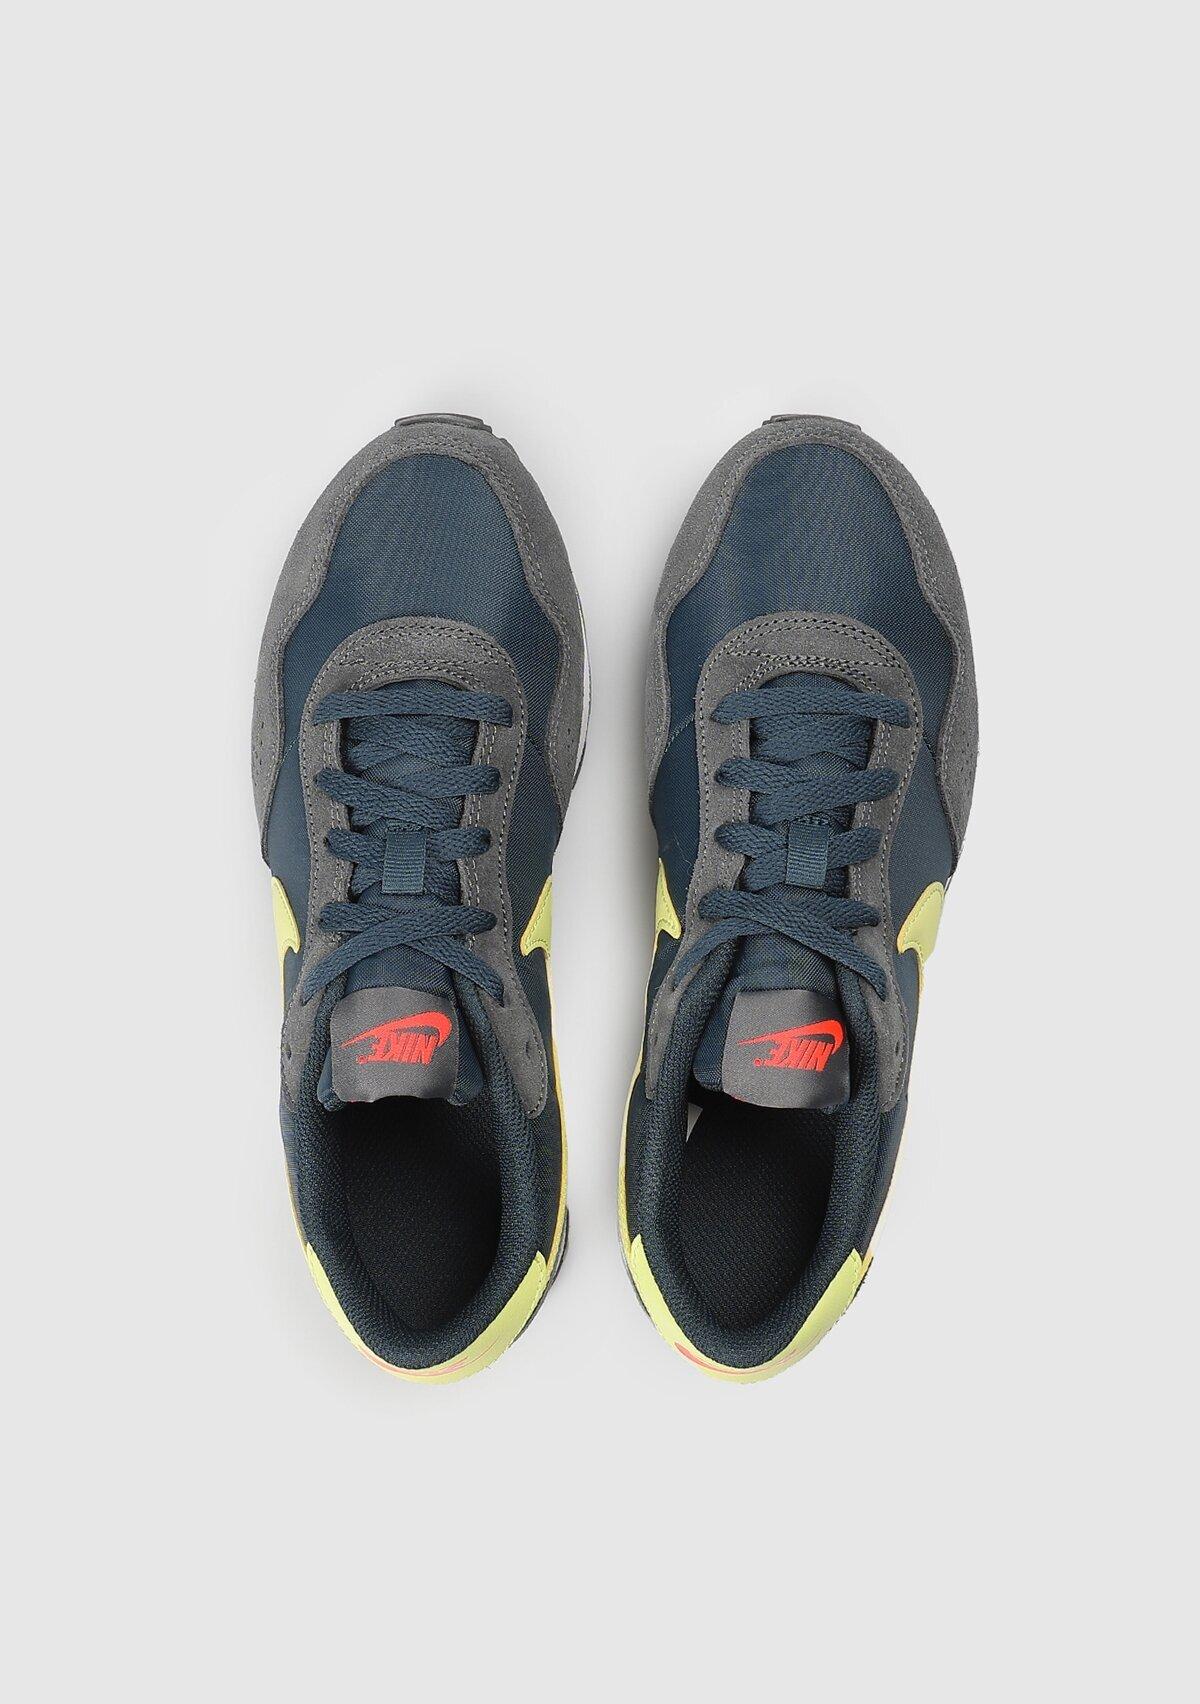 resm Md Valiant Gri Kadın Spor Ayakkabı Cn8558-400